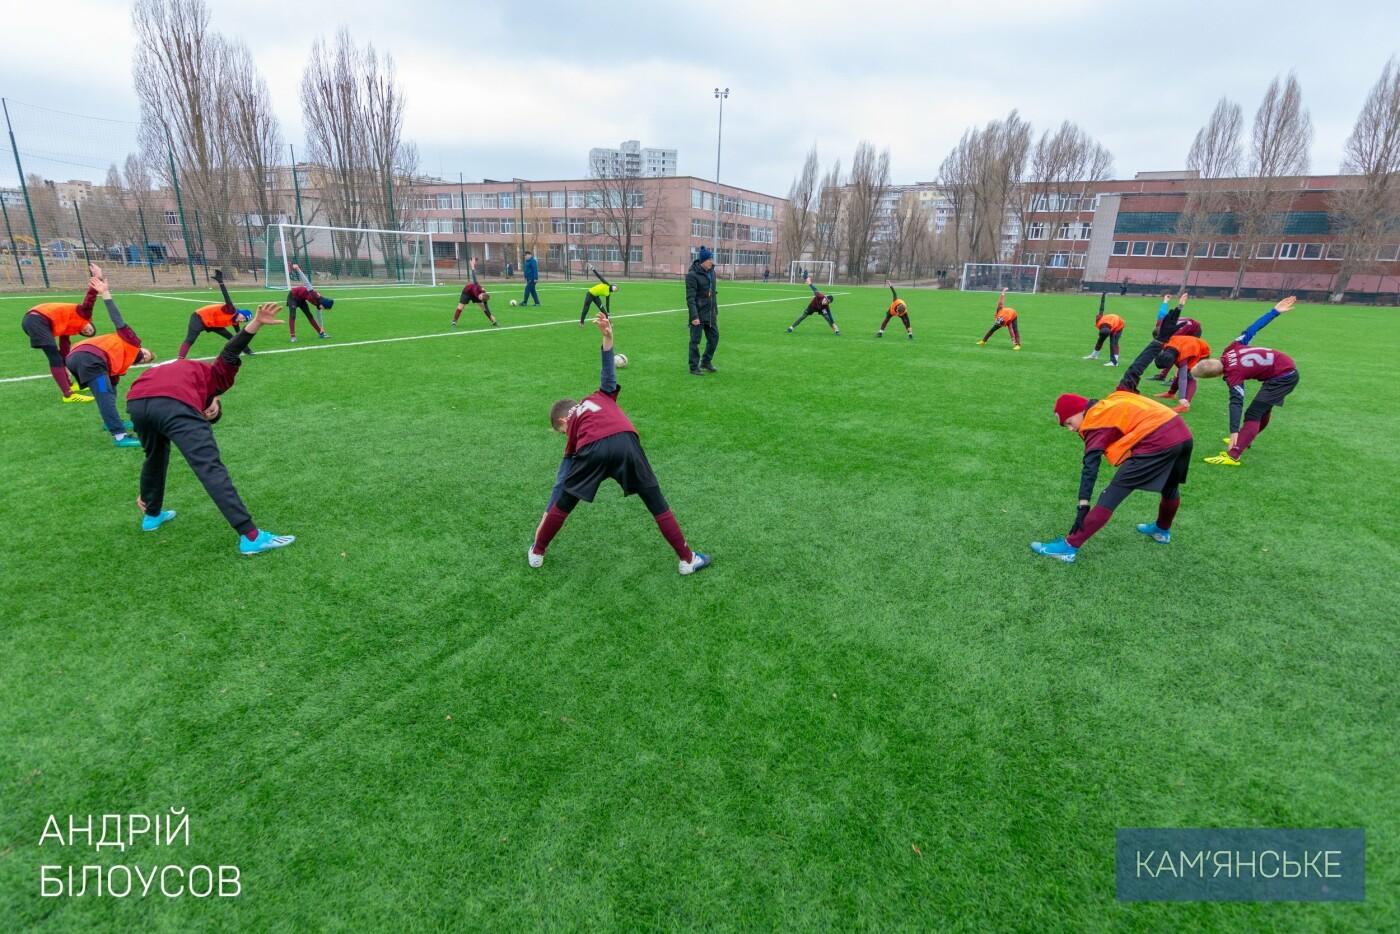 Мэр Каменского поздравил футбольную команду «Надія-Nova», фото-4